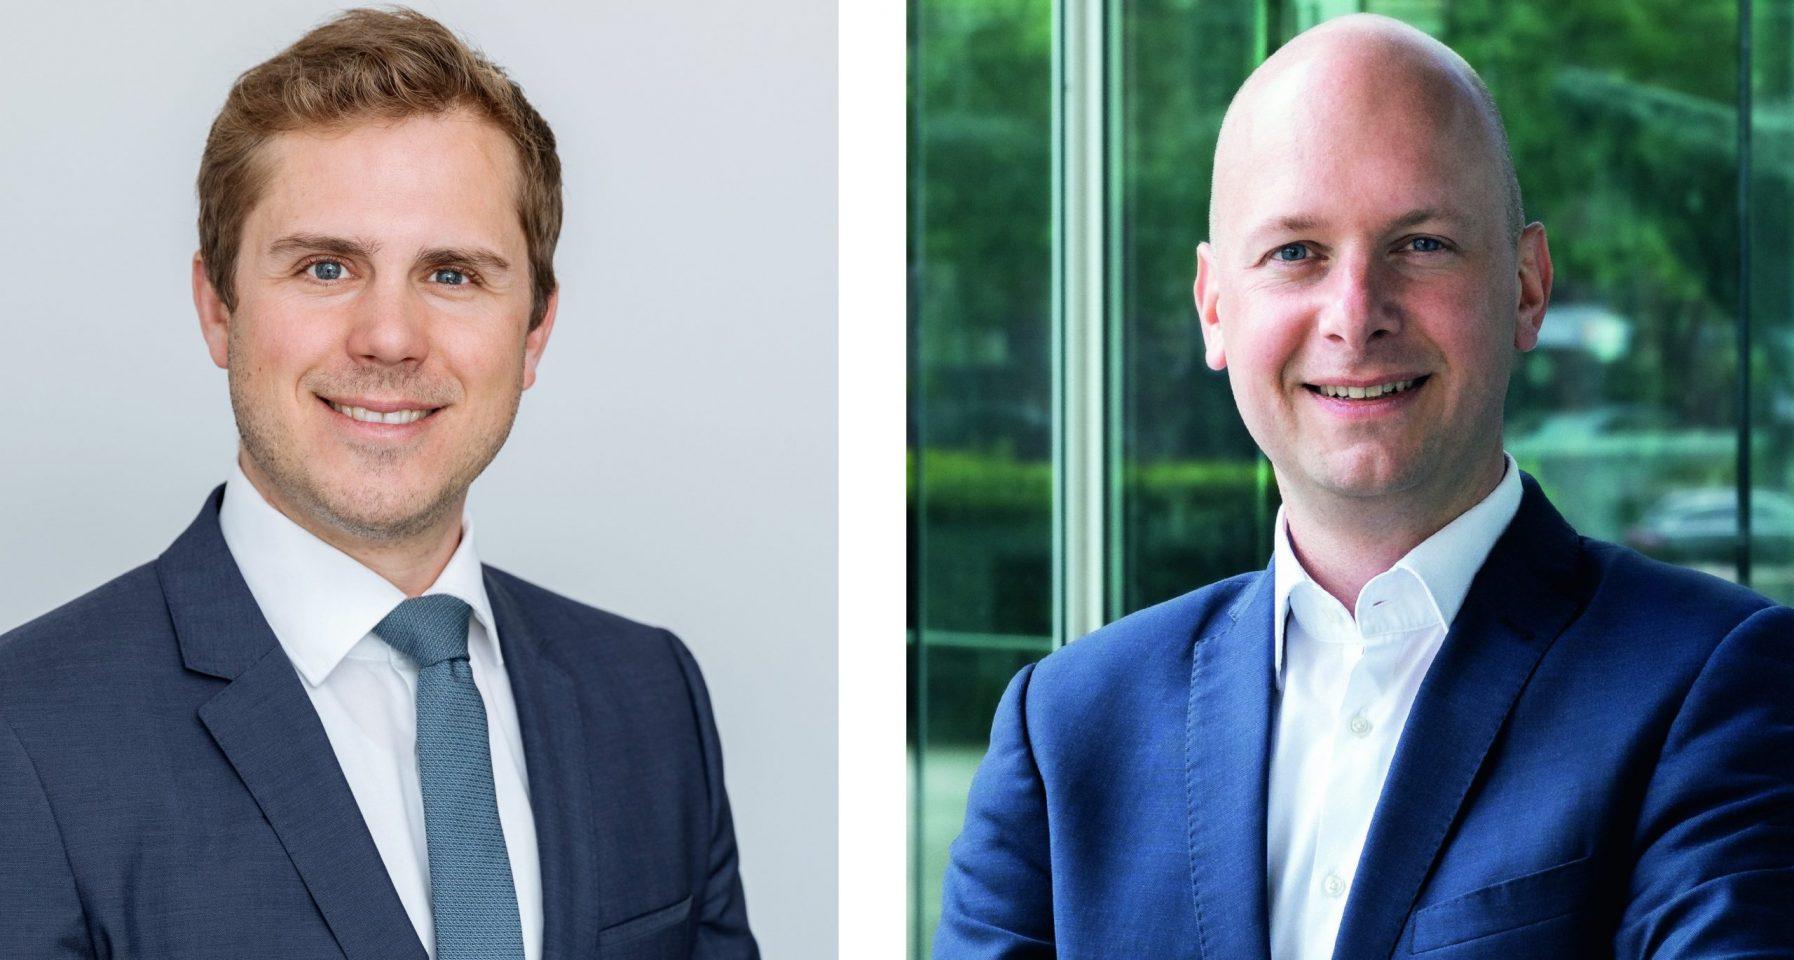 Interview mit Felix Embacher MRICS (Bereichsleiter Research & Data Science, bulwiengesa) und Henrik von Bothmer (Senior Investment Manager, Union Investment)